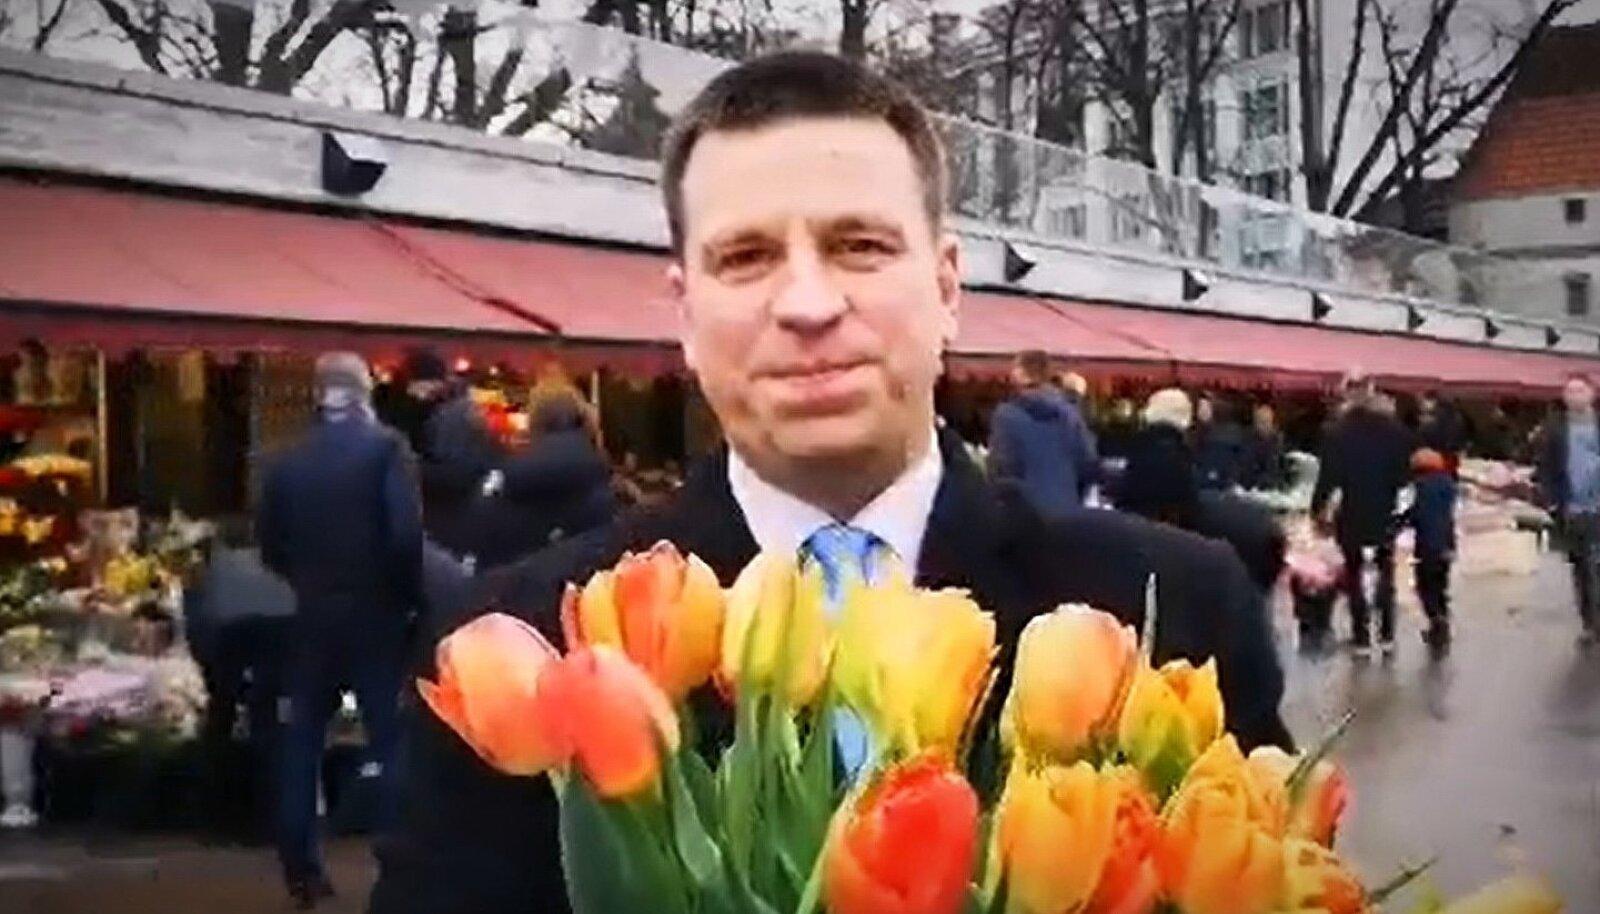 Jüri Ratas peab naiste südamete võitmiseks nüüd kõvasti pingutama, sest kuu ajaga vähenes tema toetus selle valijarühma seas tervelt viis protsenti.